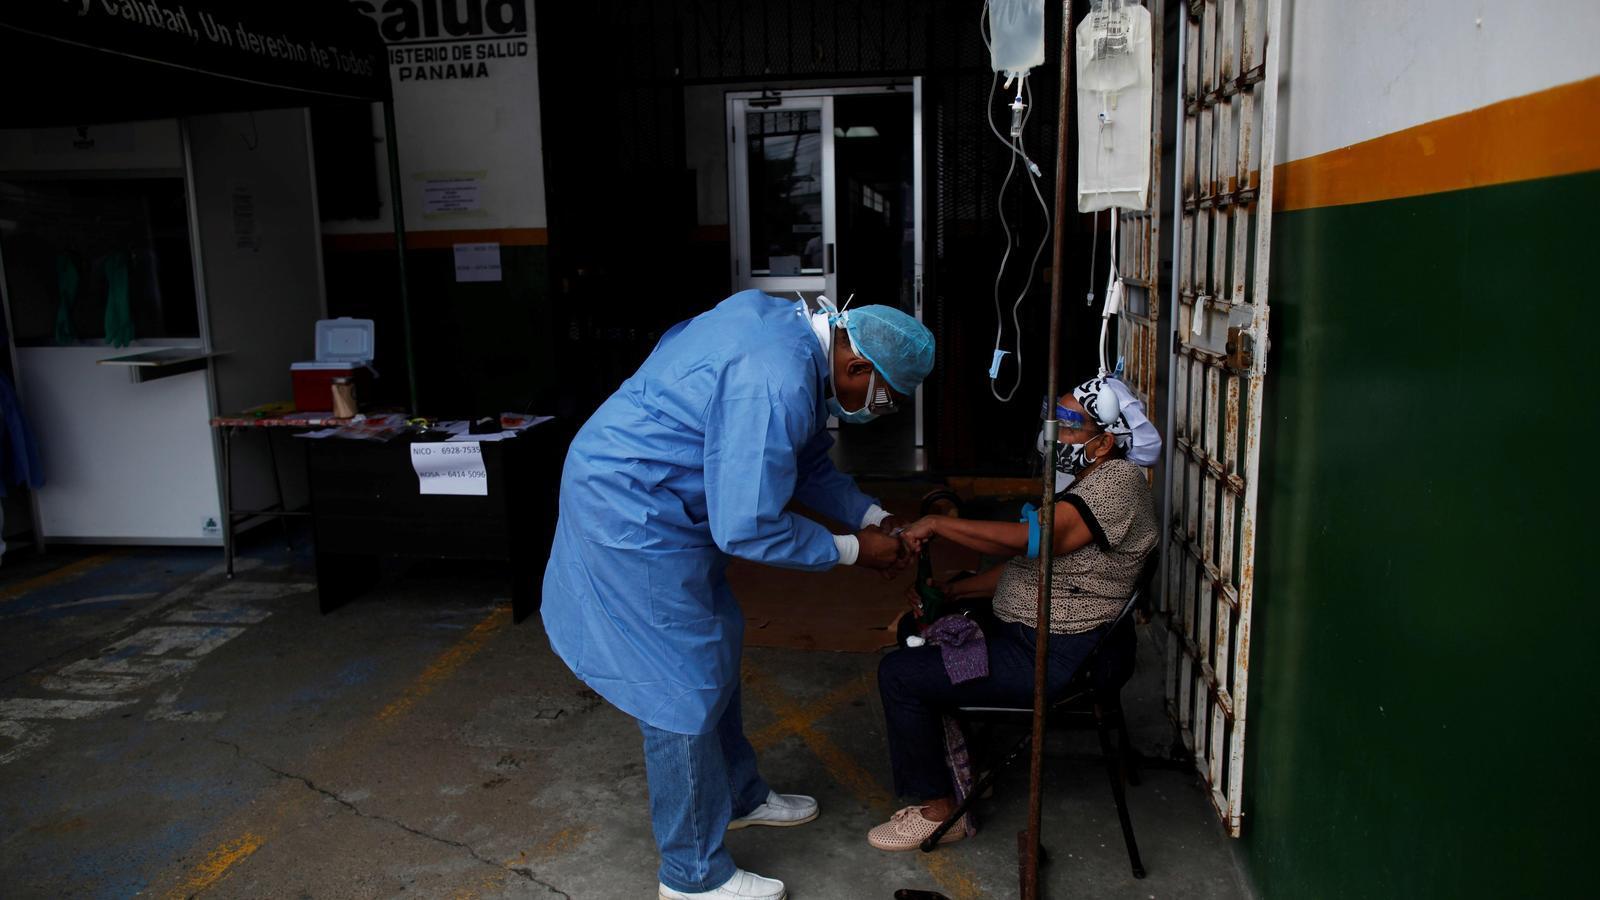 Més de 3.000 professionals sanitaris han mort pel covid-19, 63 a l'Estat, segons Amnistia Internacional